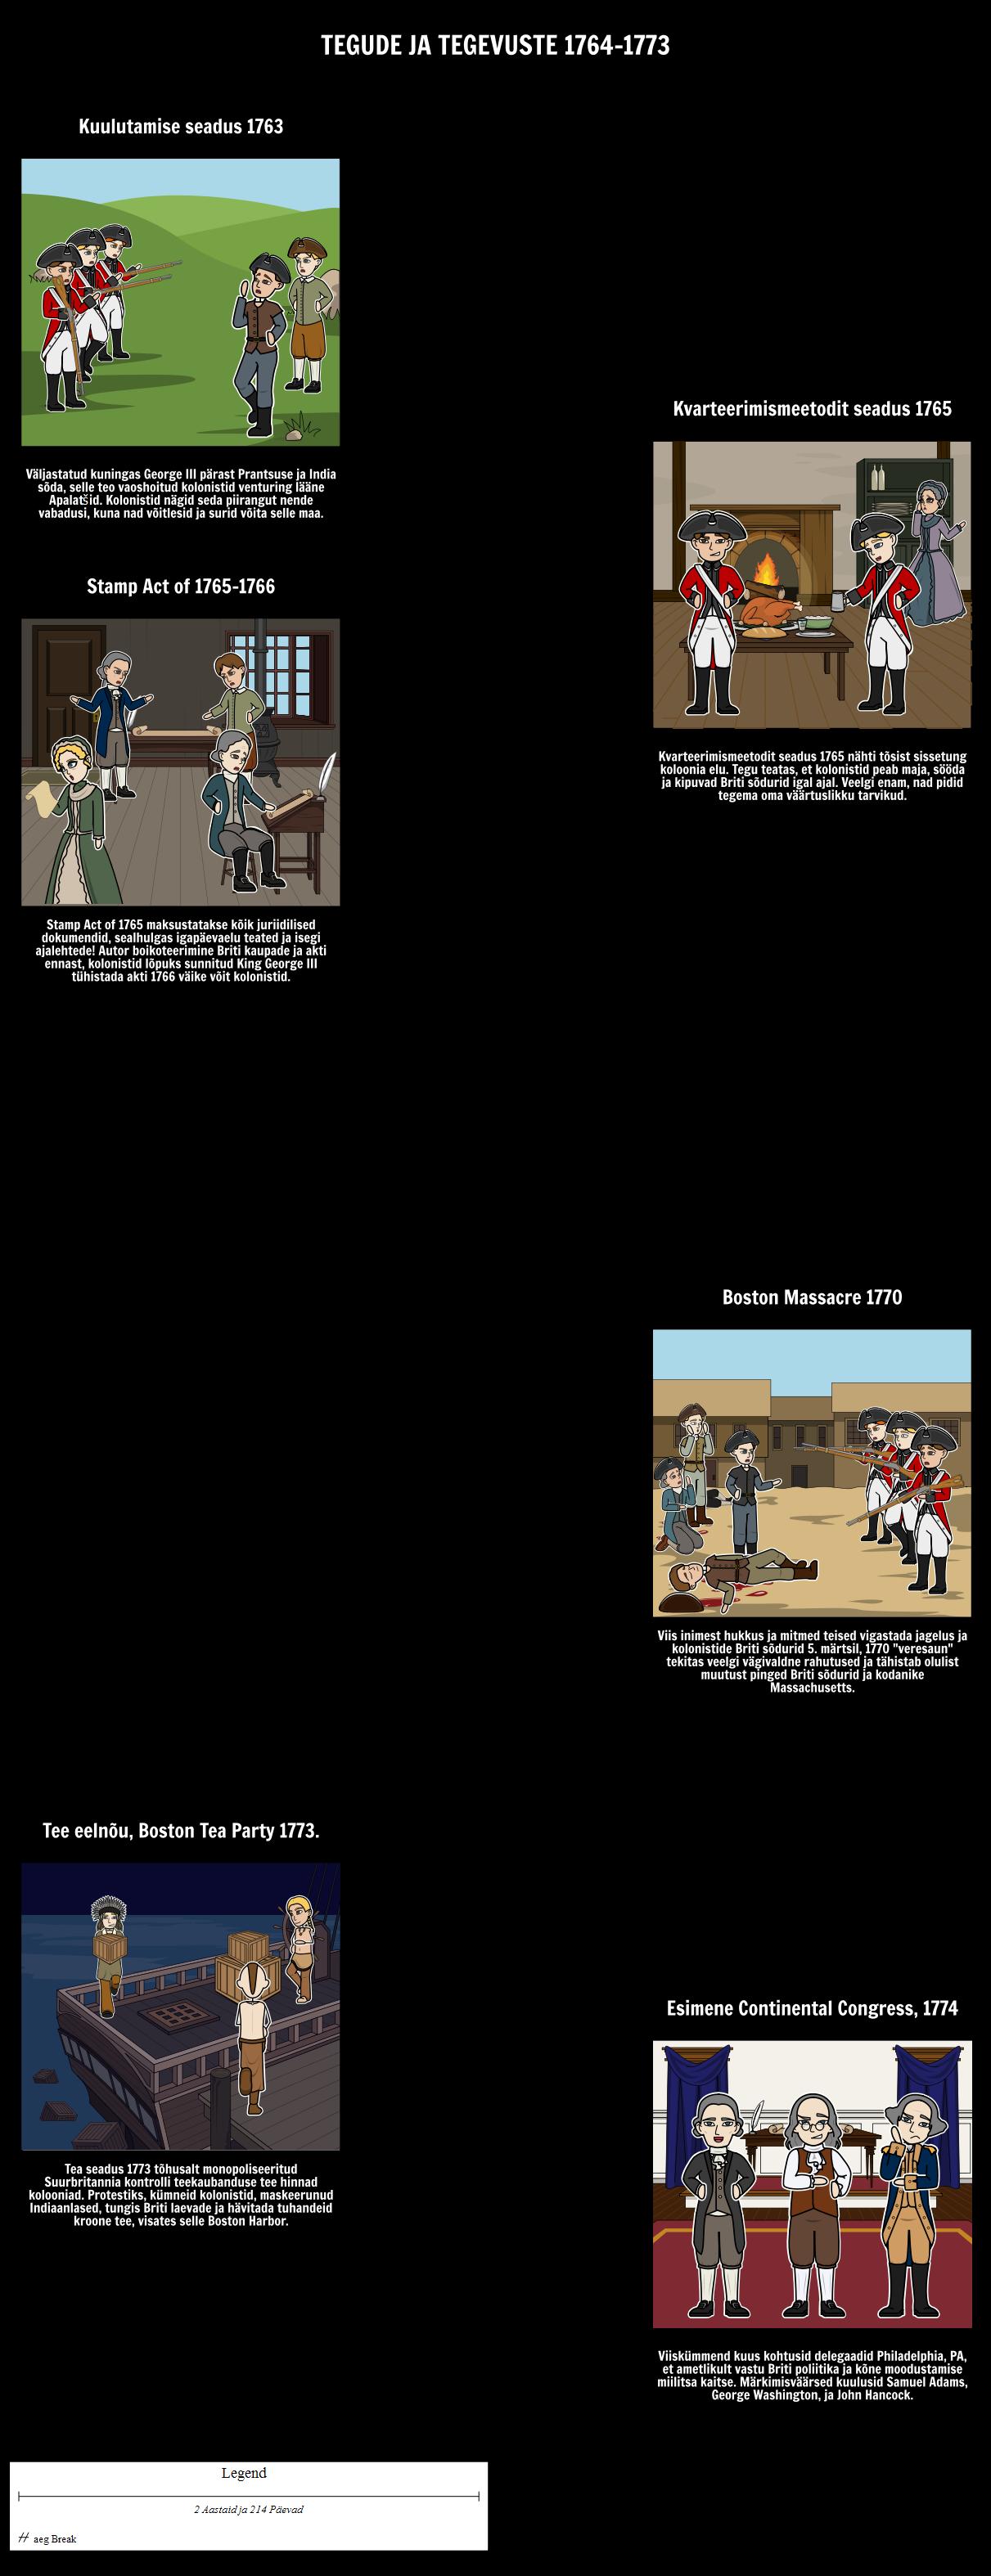 Seaduste ja tegevused 13 Kolooniad: 1764-1773